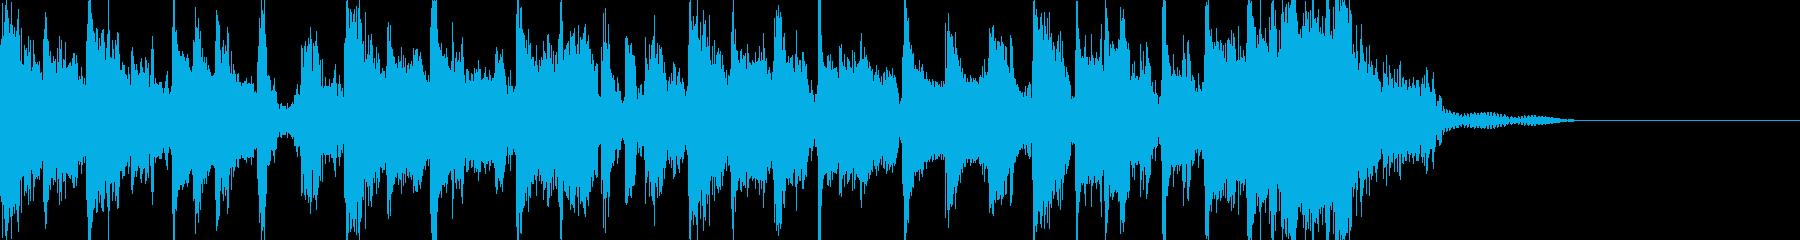 和風 ラップバトル風 さくらメロディーの再生済みの波形